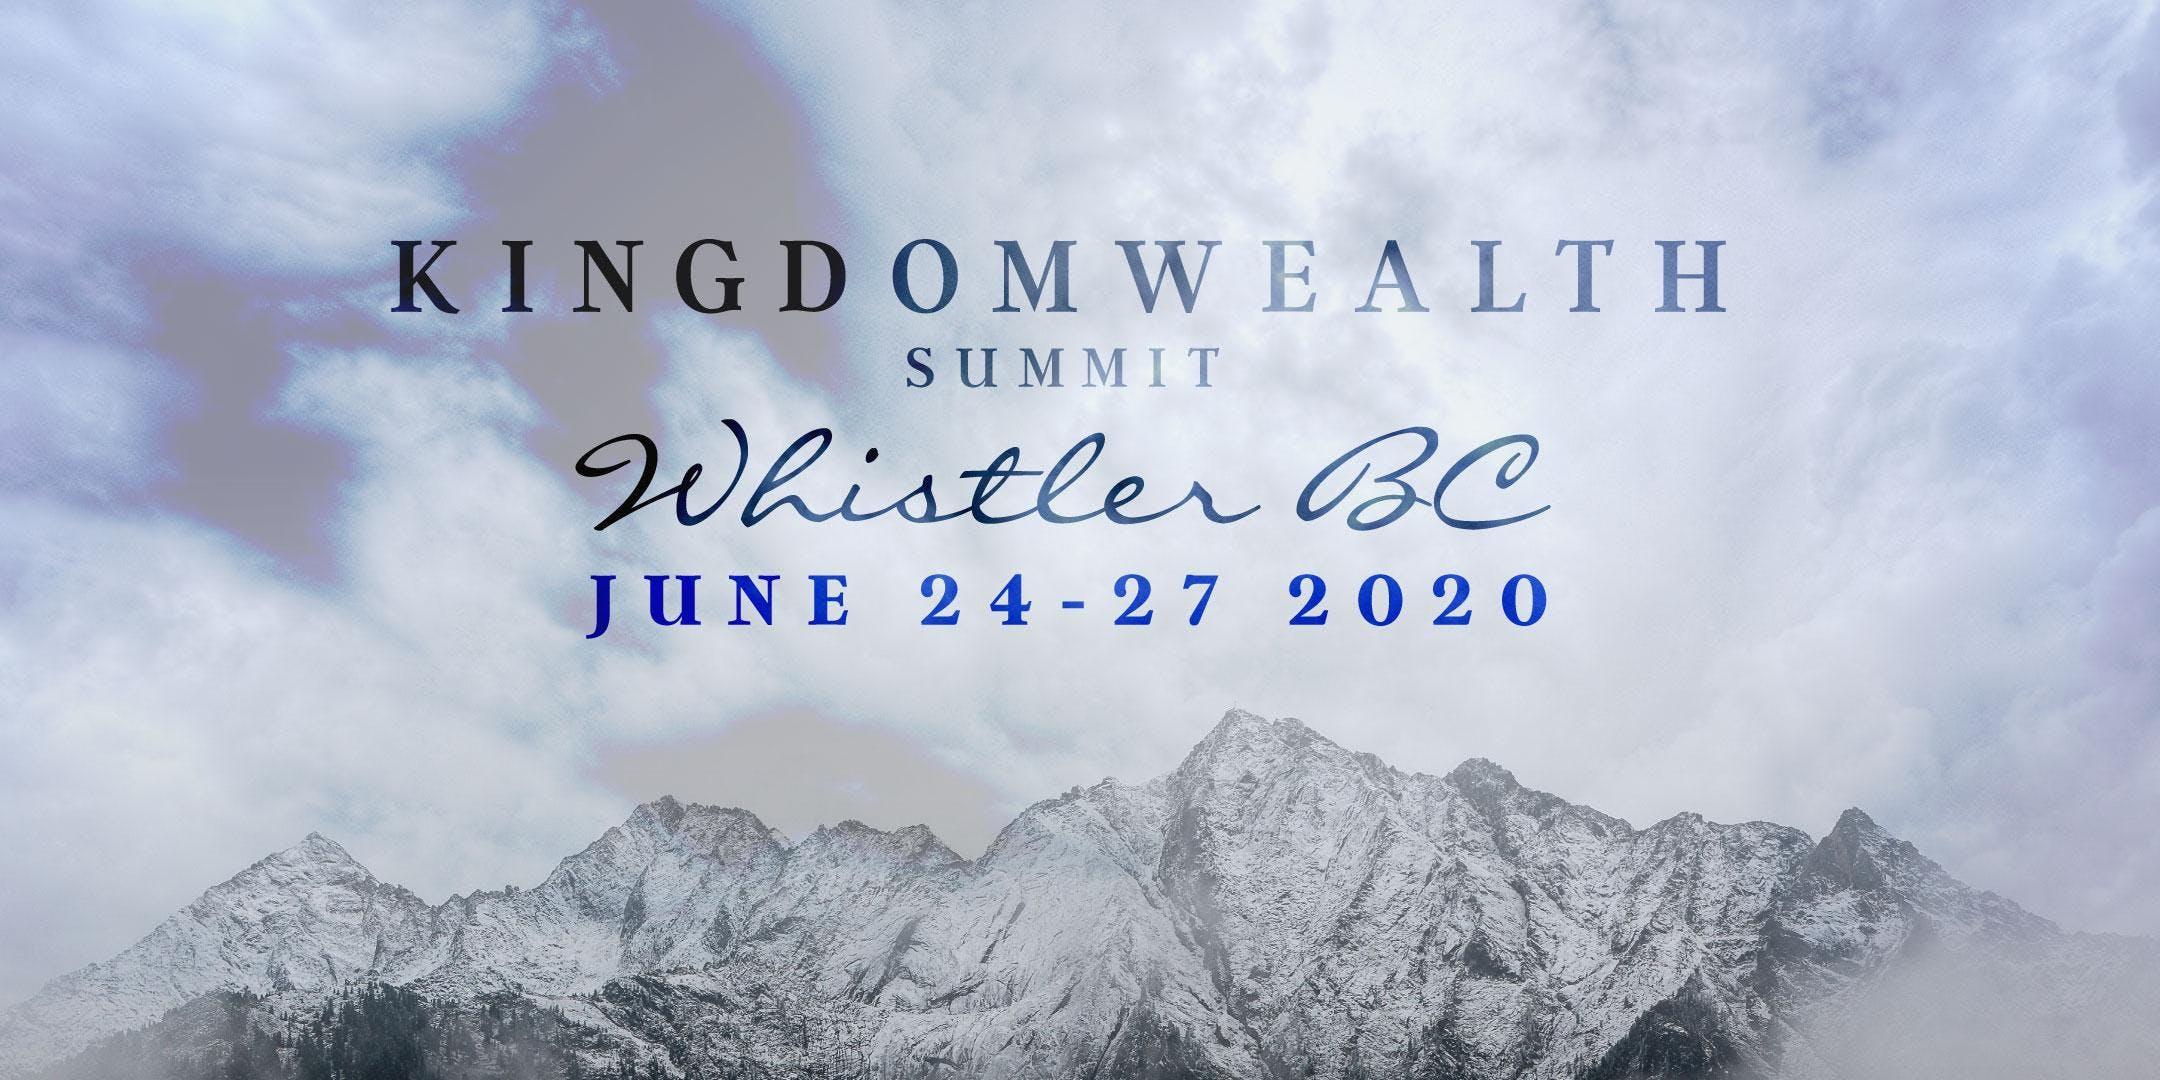 Kingdom Wealth Summit 2020 - Whistler BC